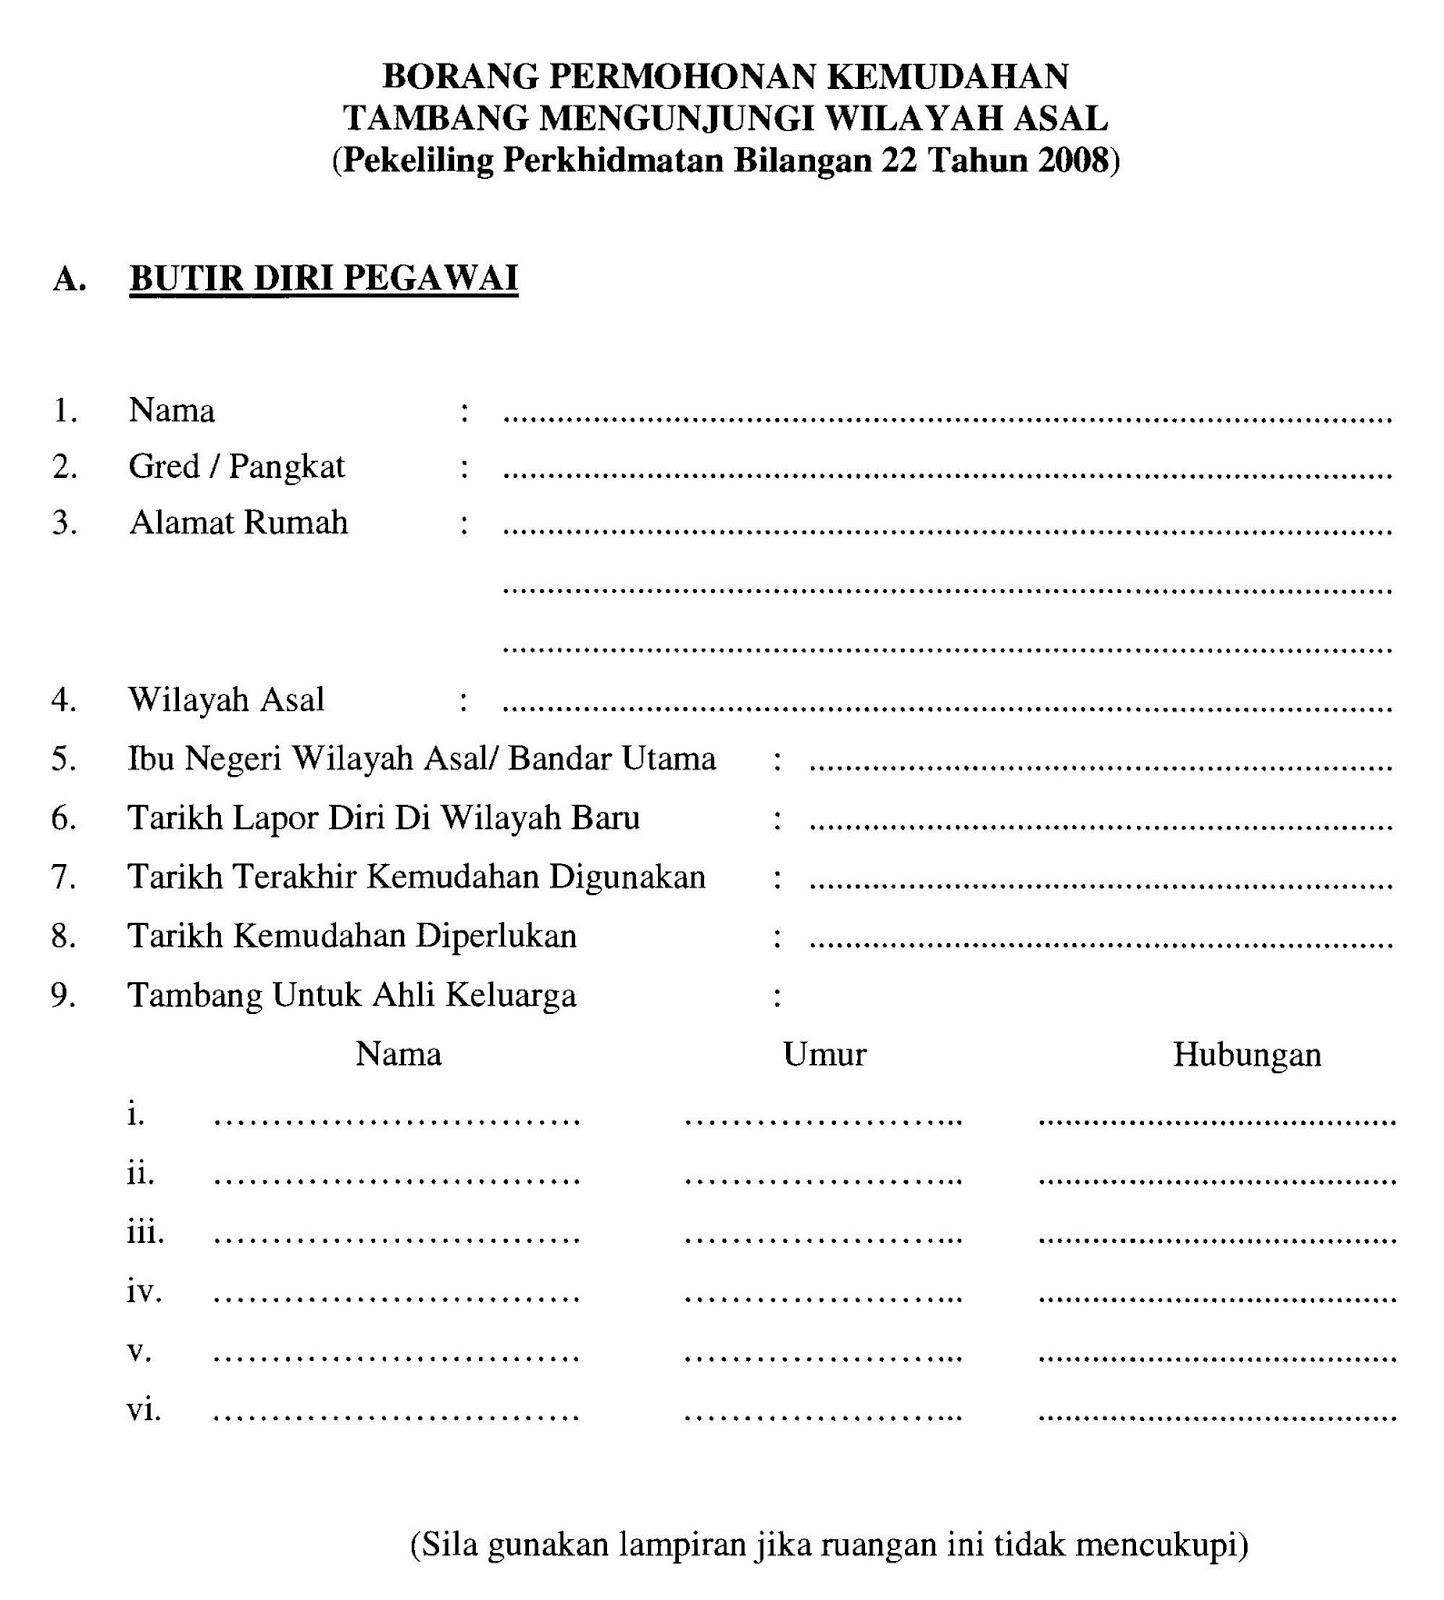 Borang Permohonan Tiket Percuma Untuk Balik Wilayah Asal Untuk Guru Mykssr Com